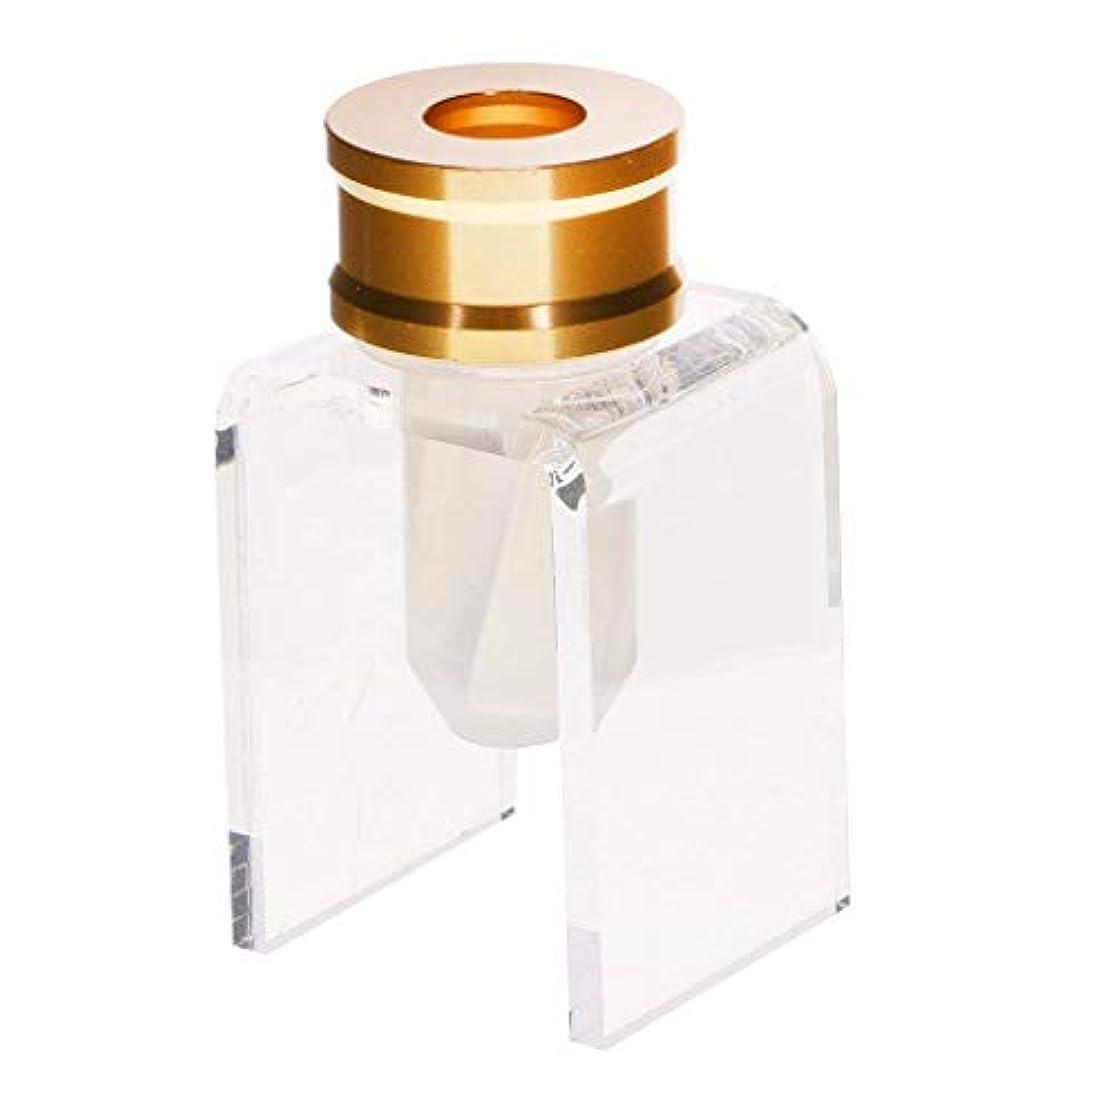 不規則な解くぺディカブDIYビルダー口紅パッケージ用の金型クランプリングを埋めるシンプルな金型設計シリコーン口紅バーム口紅型は1セット